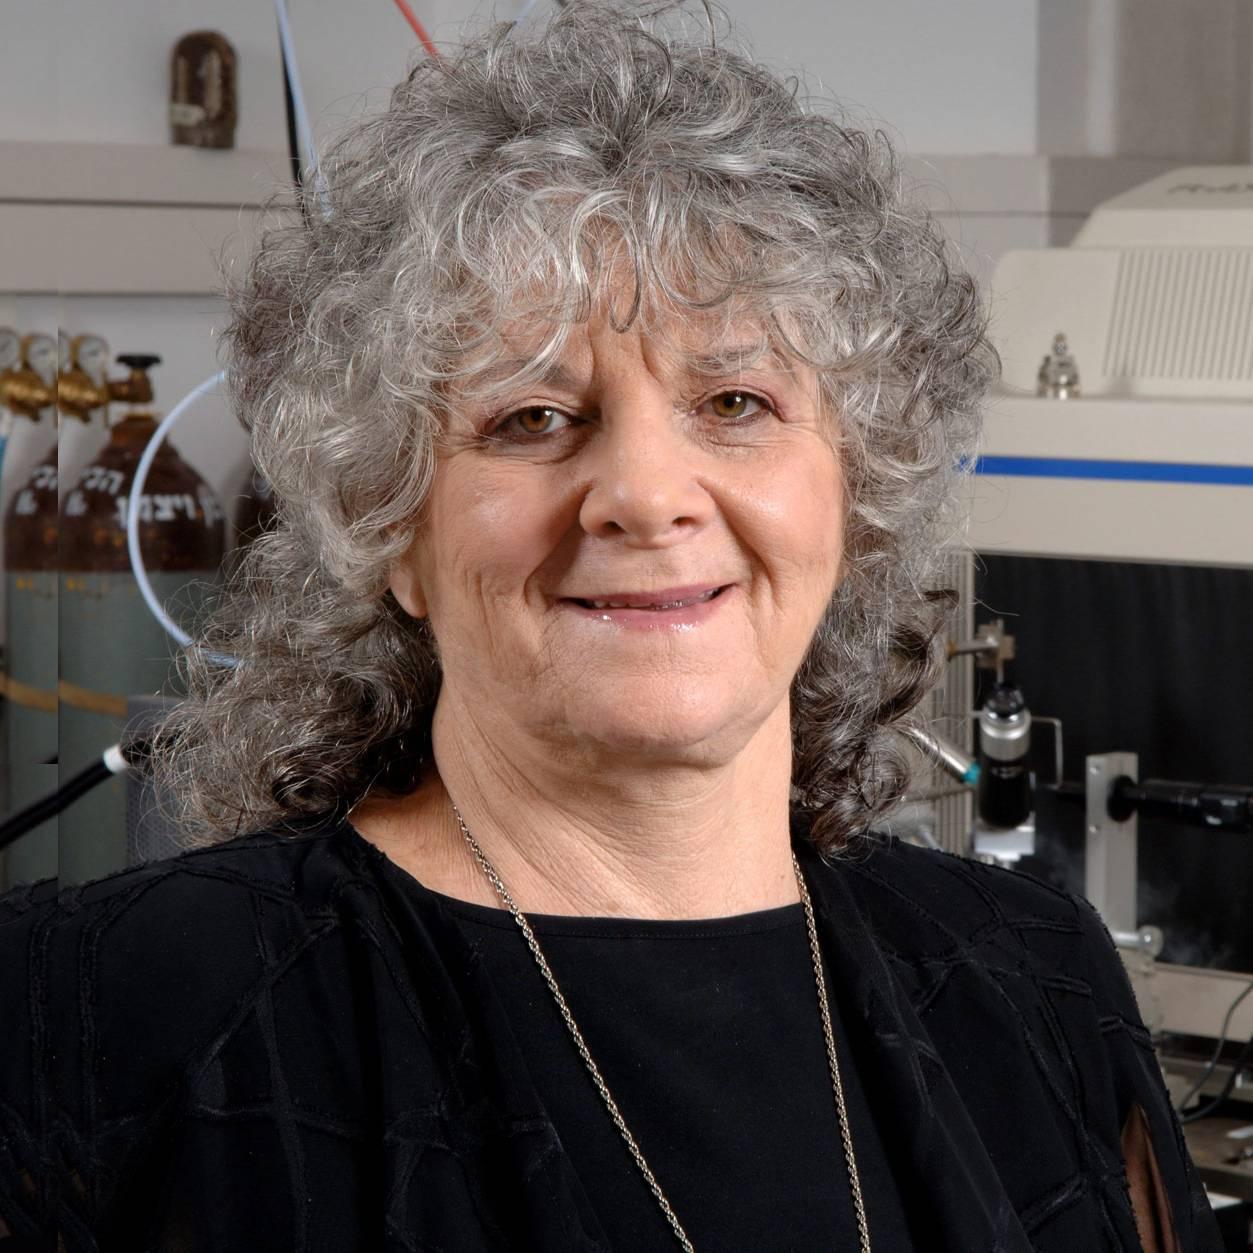 2009年诺贝尔化学奖 获得者 阿达·尤纳斯